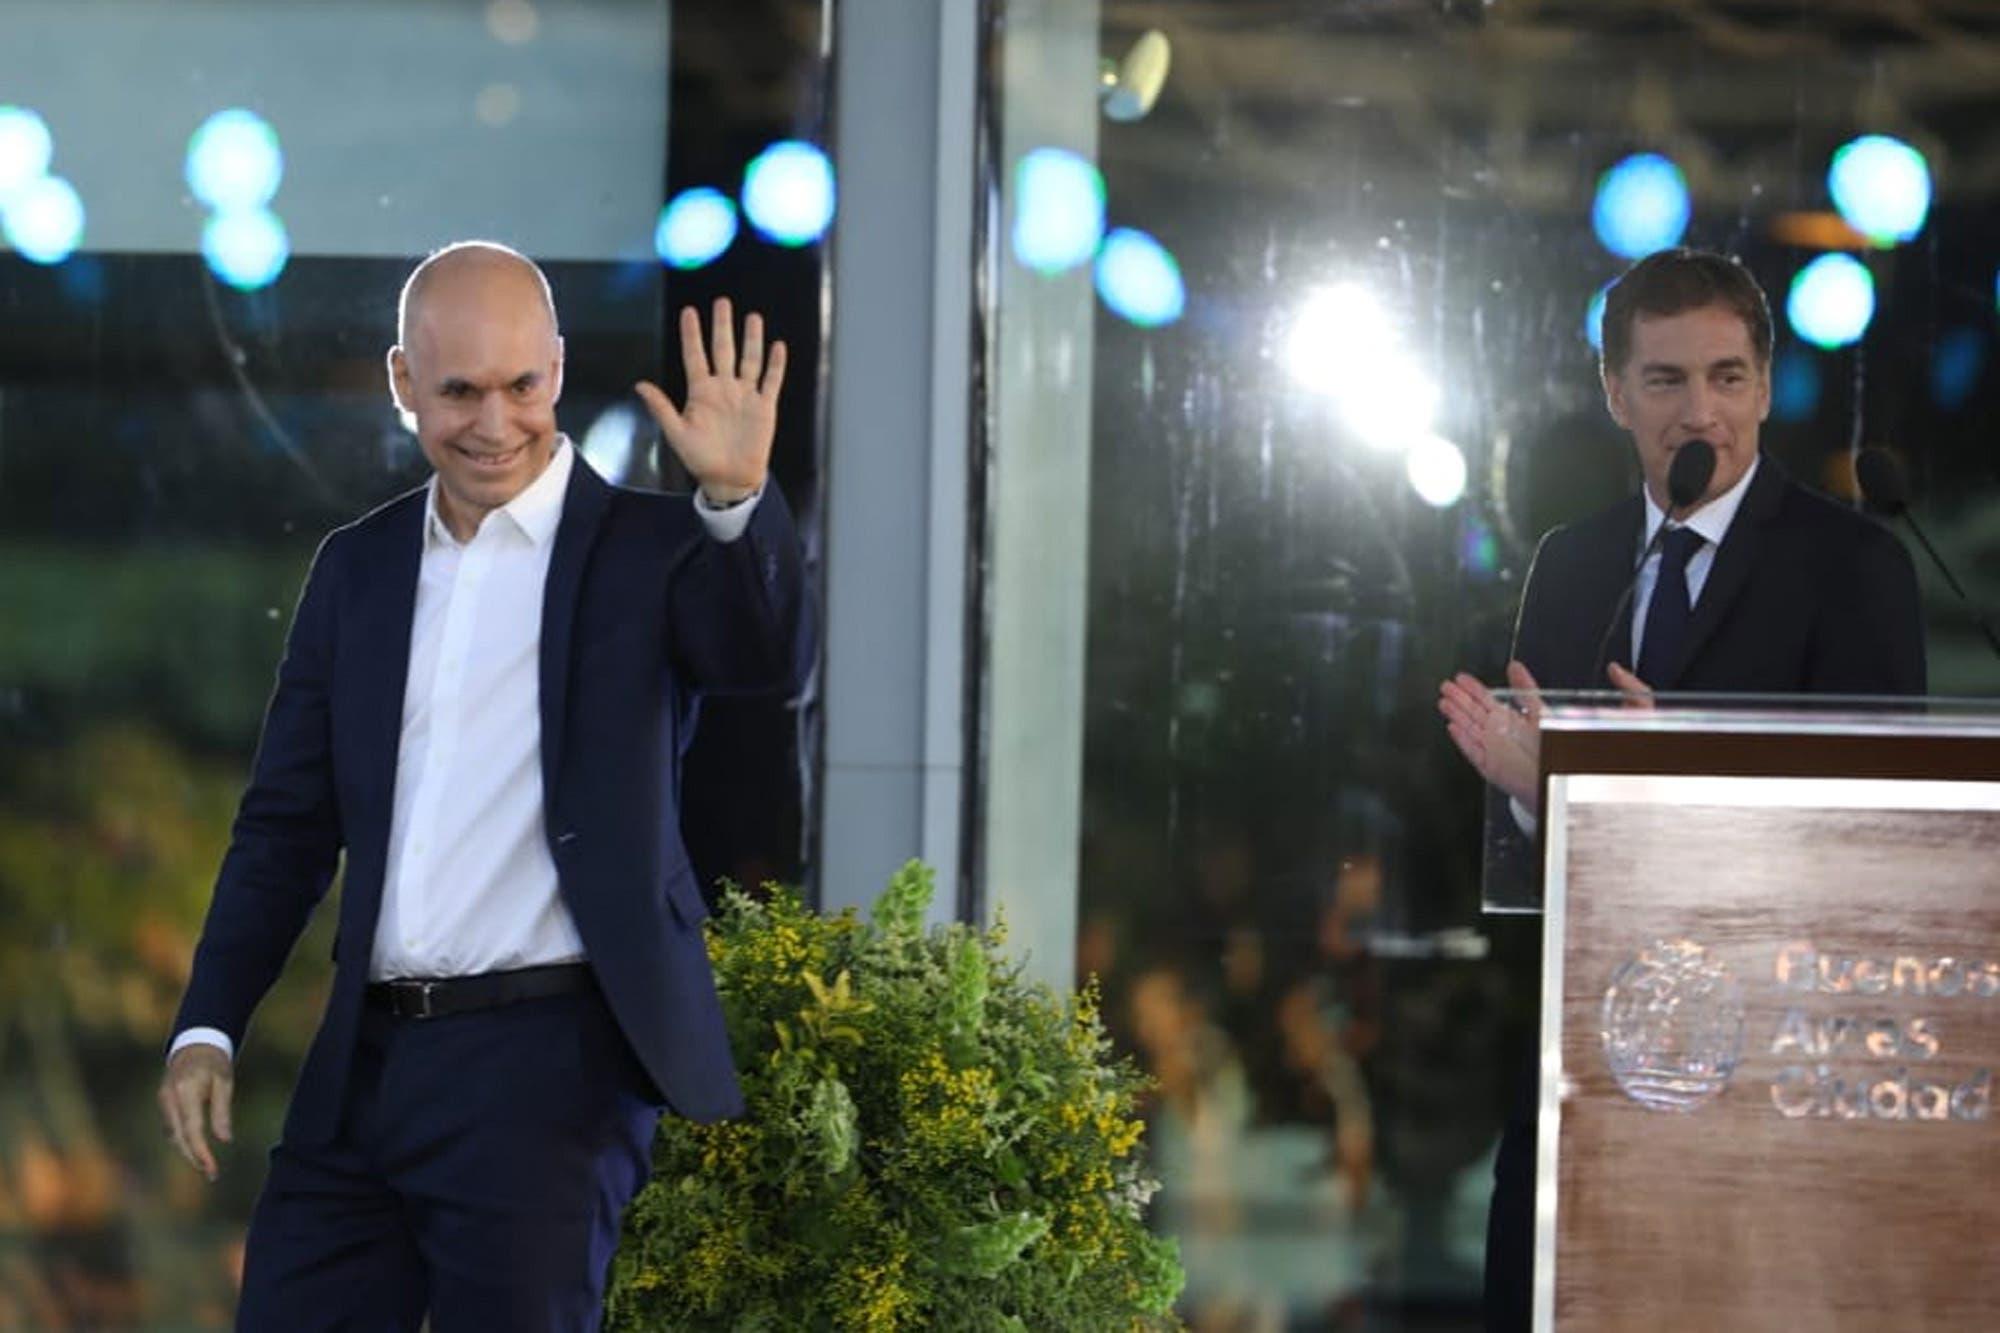 Con la presencia de Macri y Vidal, Horacio Rodríguez Larreta les tomó juramento a sus ministros y secretarios